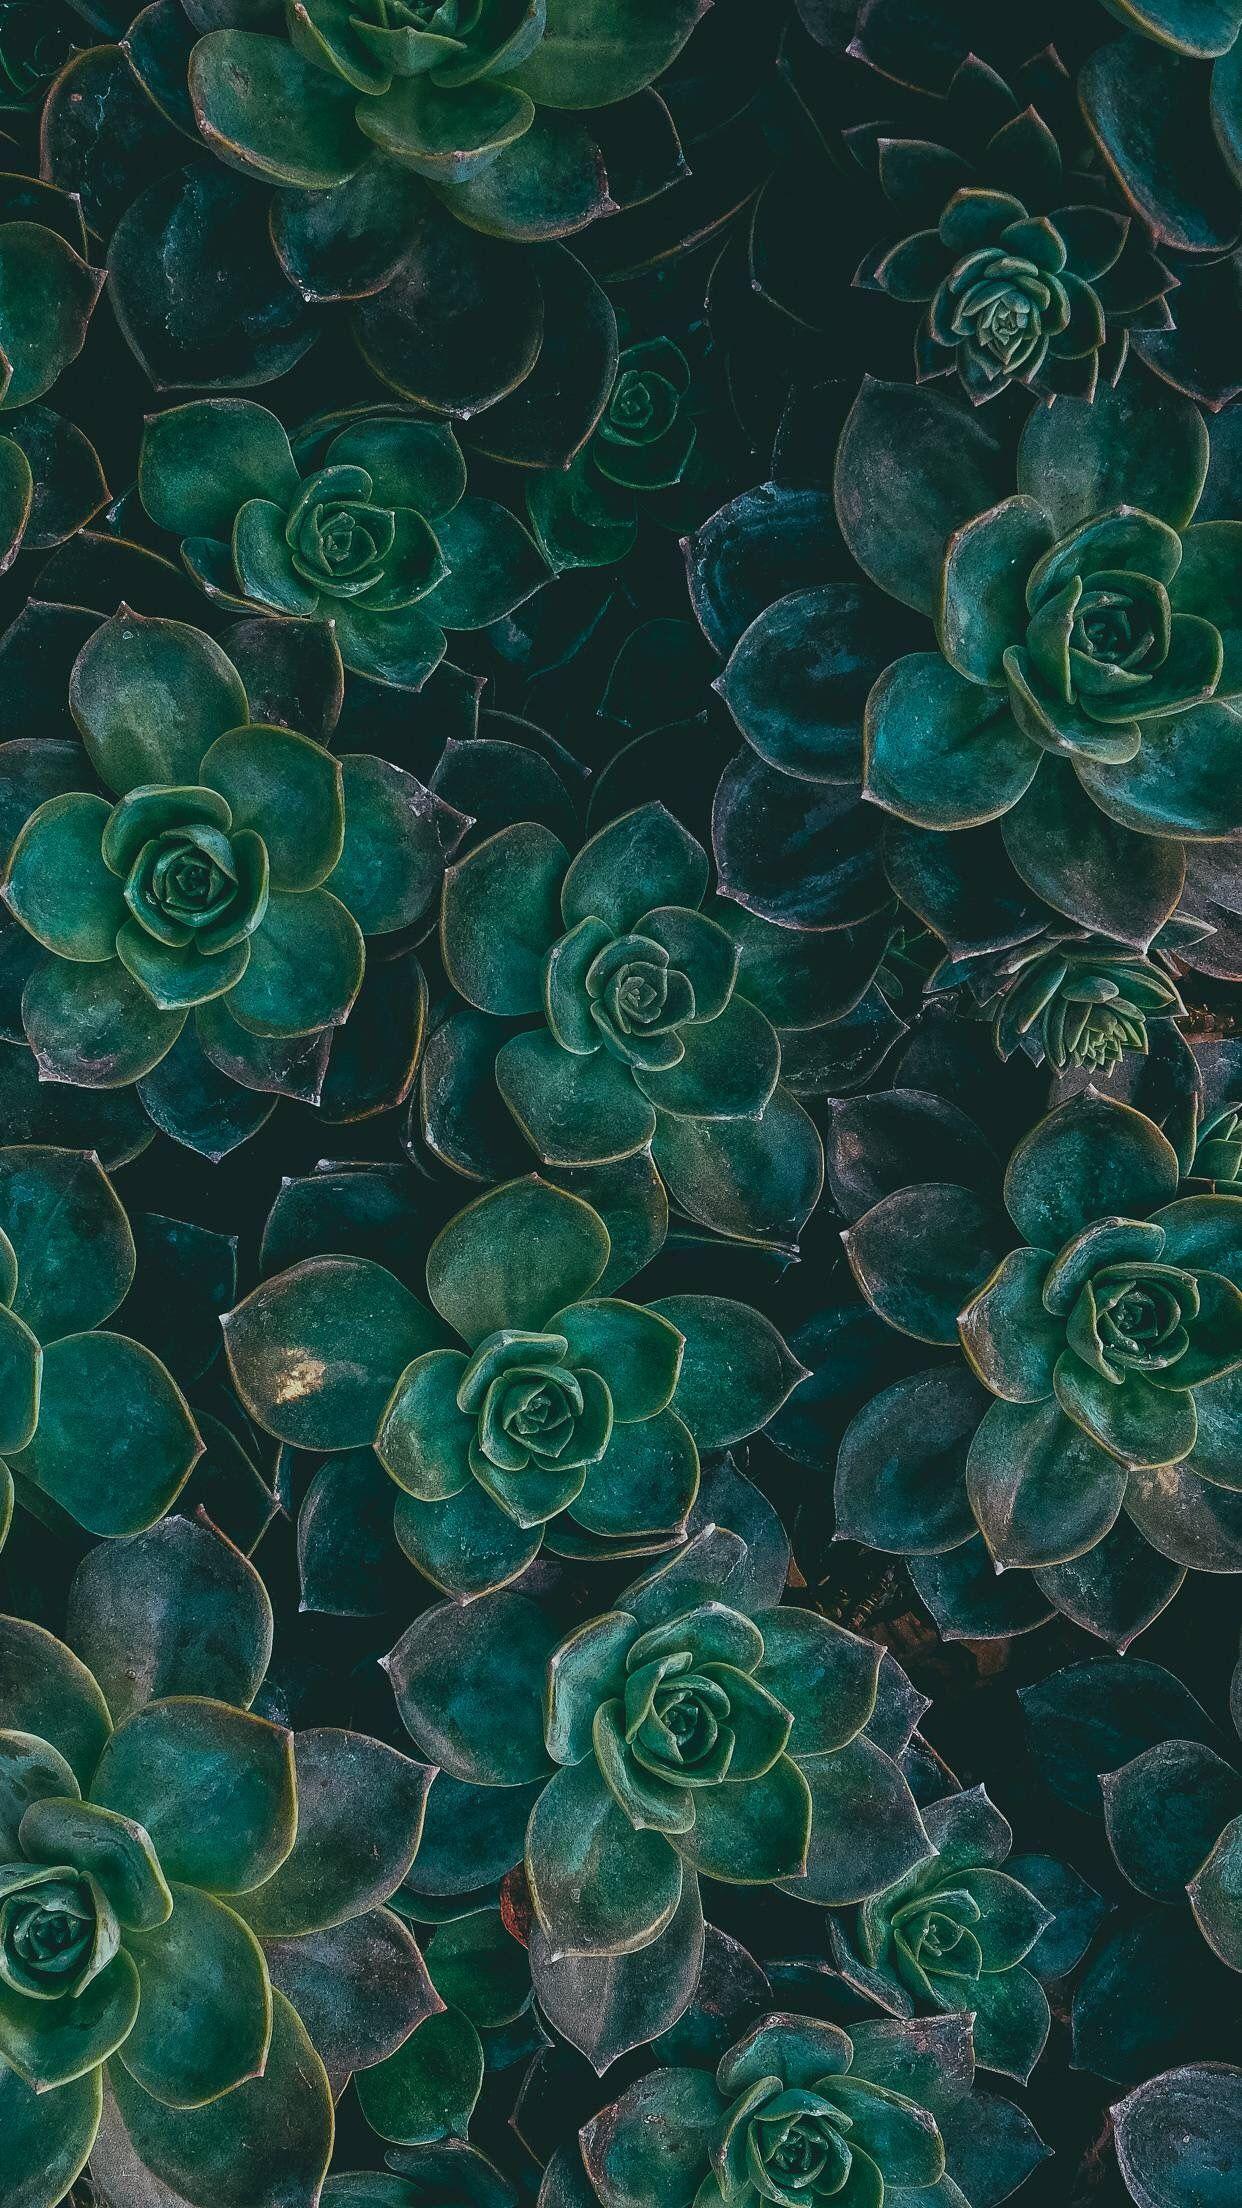 Green Succulents Iphone Wallpaper Hd Nature Wallpaper Wallpapers Cellphone Wallpaper